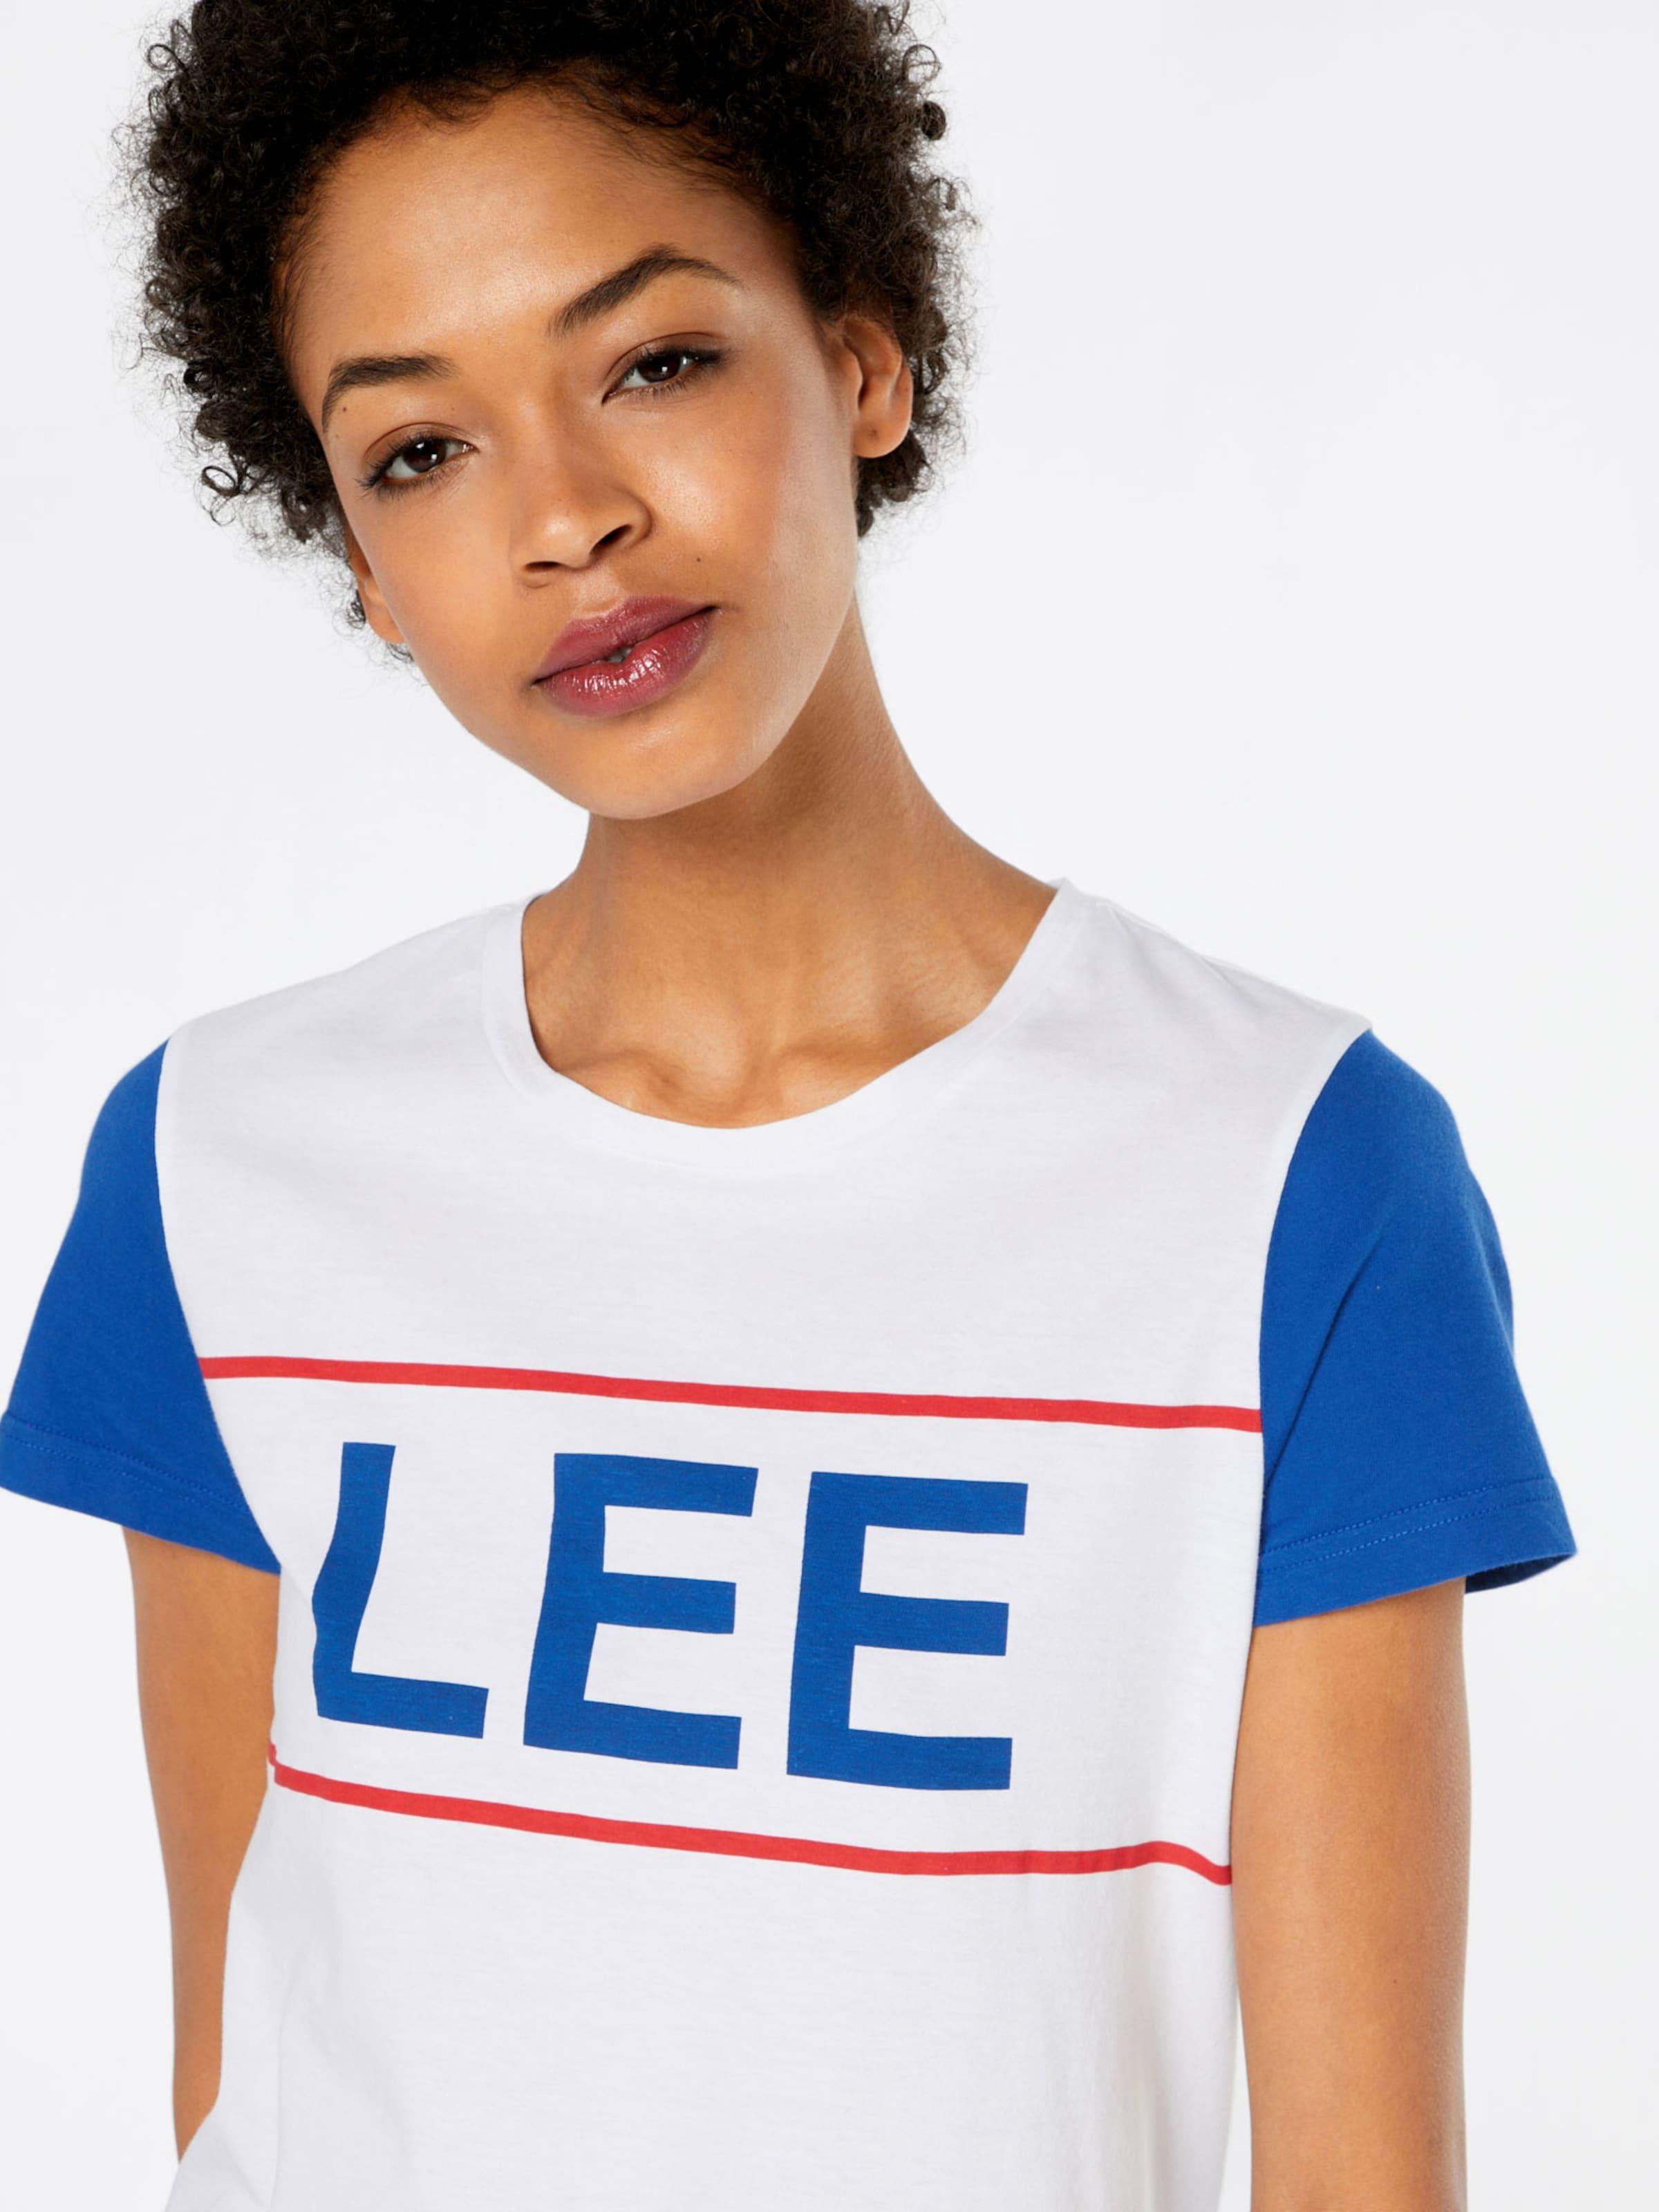 Lee T-Shirt 'LEE COLORBLOCK' Billiger Blick Mit Mastercard Online tHEsnqj